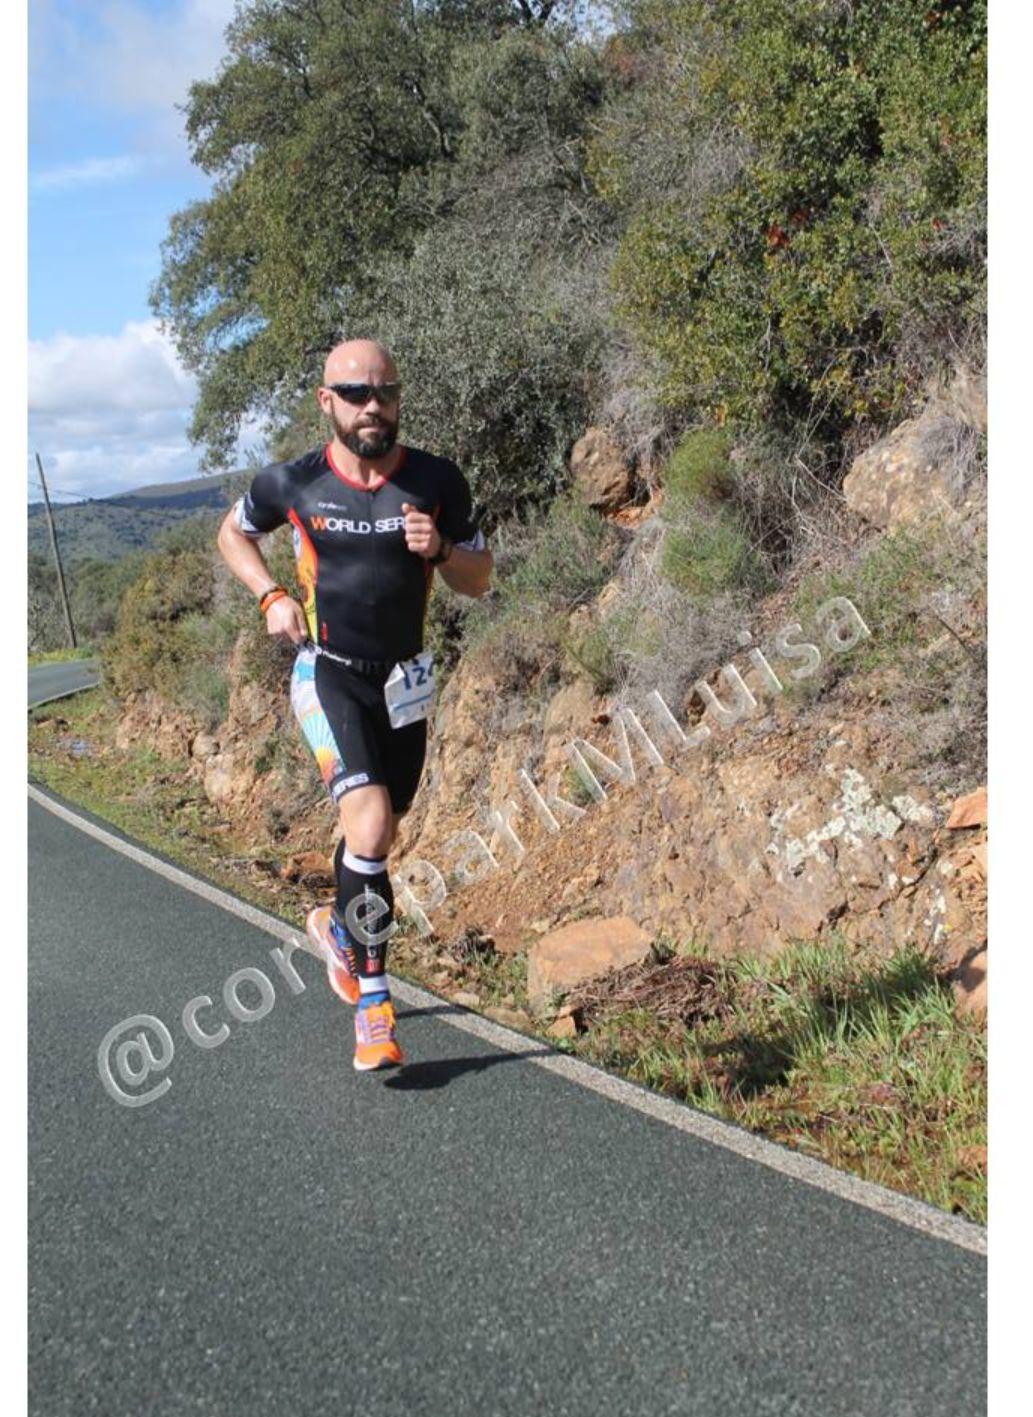 Excelente resultado de José Frutos en el «365 DxT Duatlón de Sevilla Sierra Norte»